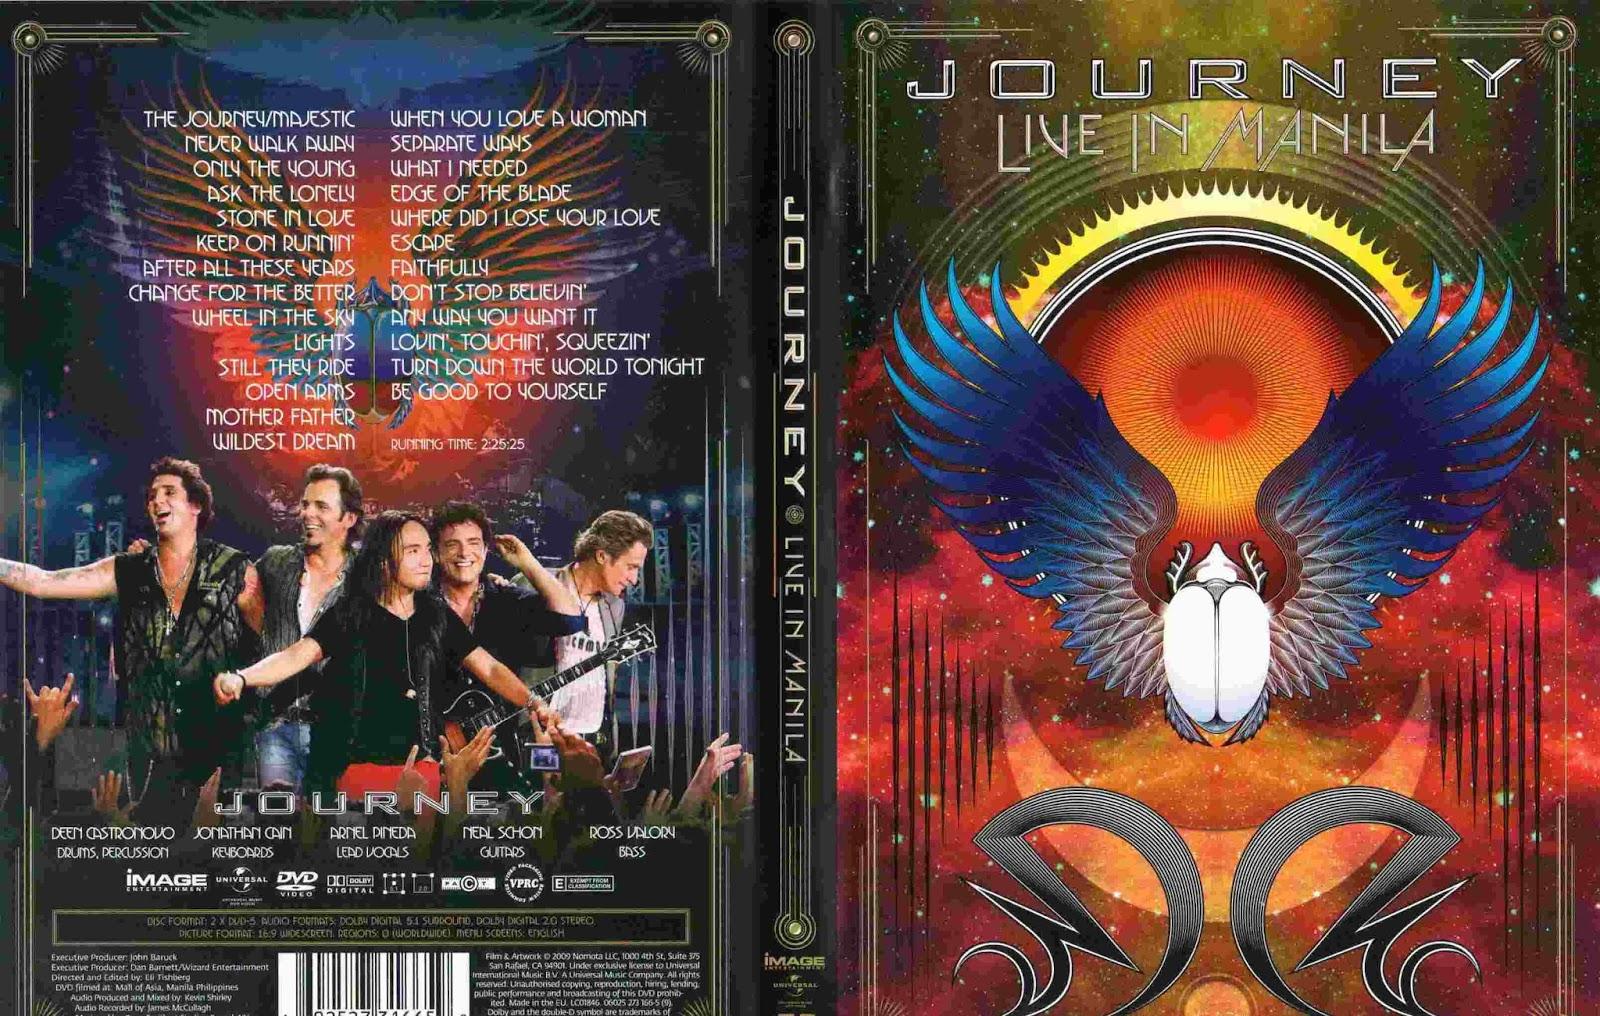 DOWNLOAD O PERFIL GRATUITO CD RAPPA 2011 O